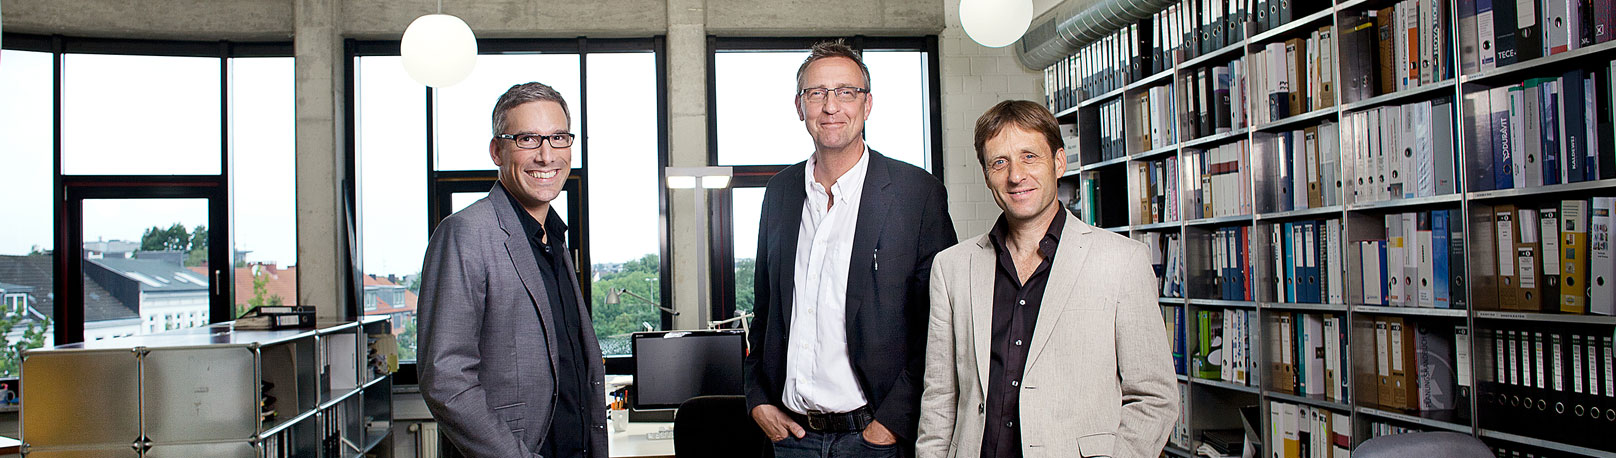 a6_architekten_bruhn_sauerland_bangert_wessels_partner